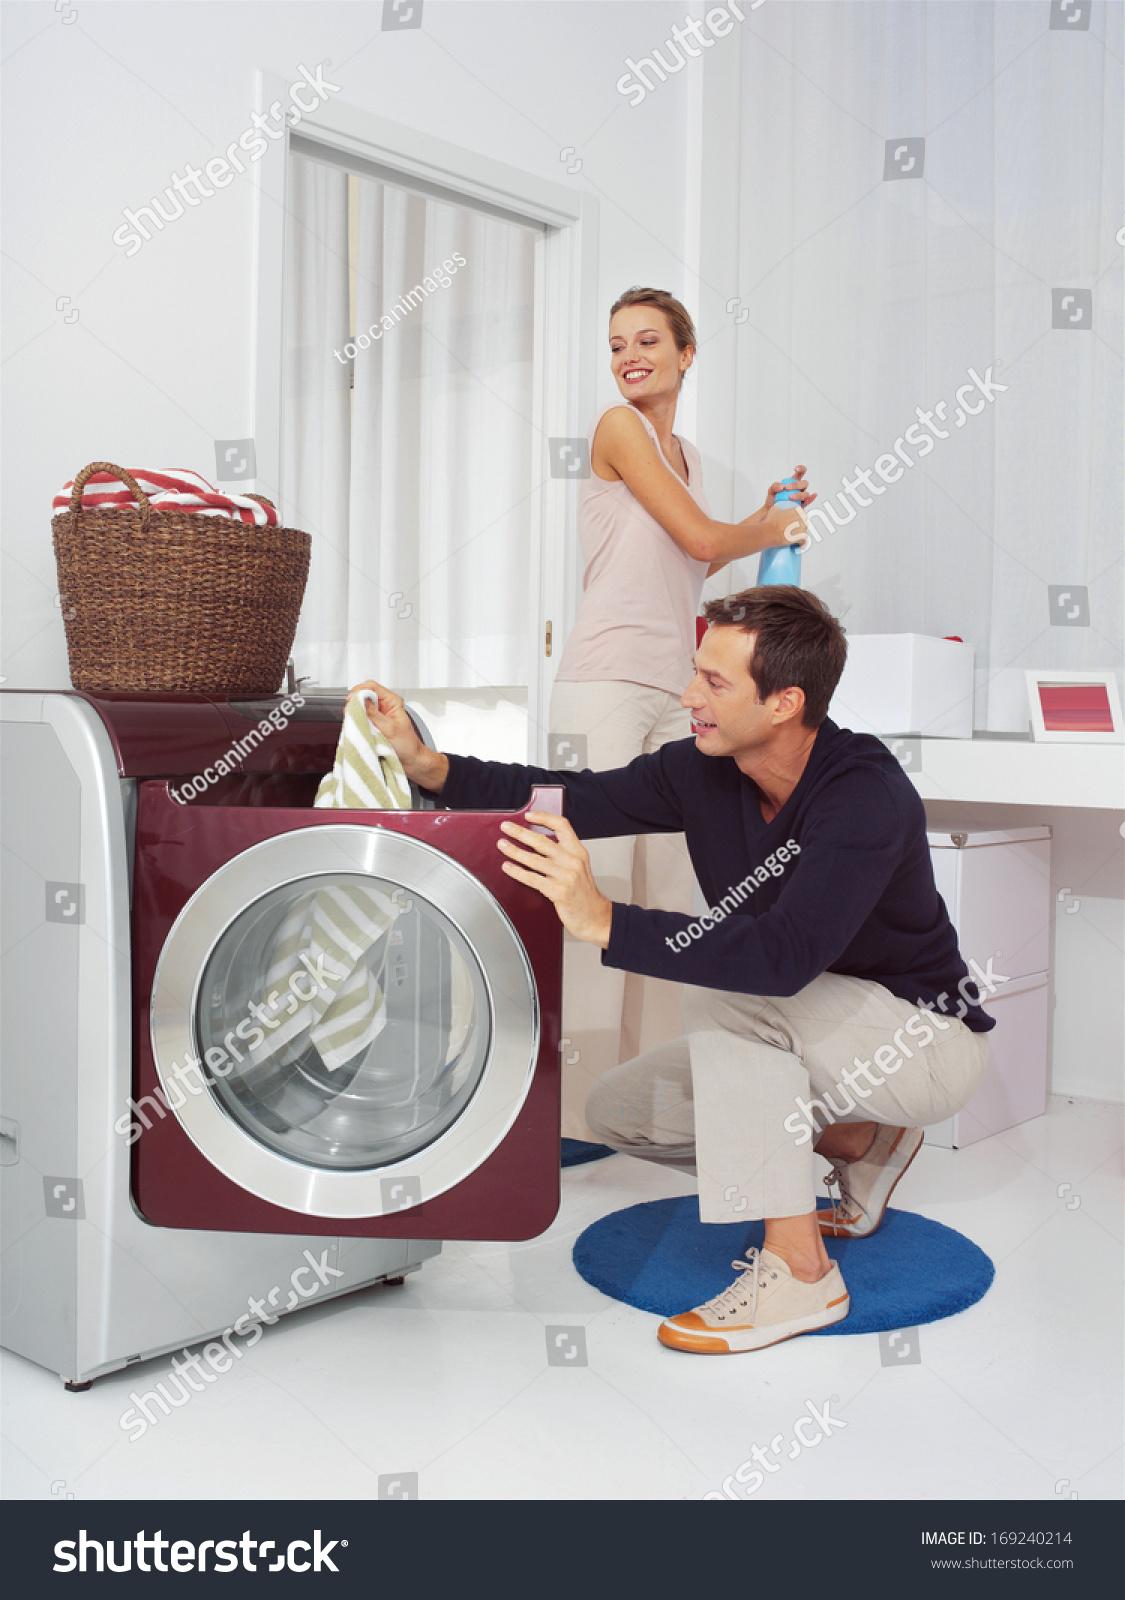 puts in washing machine